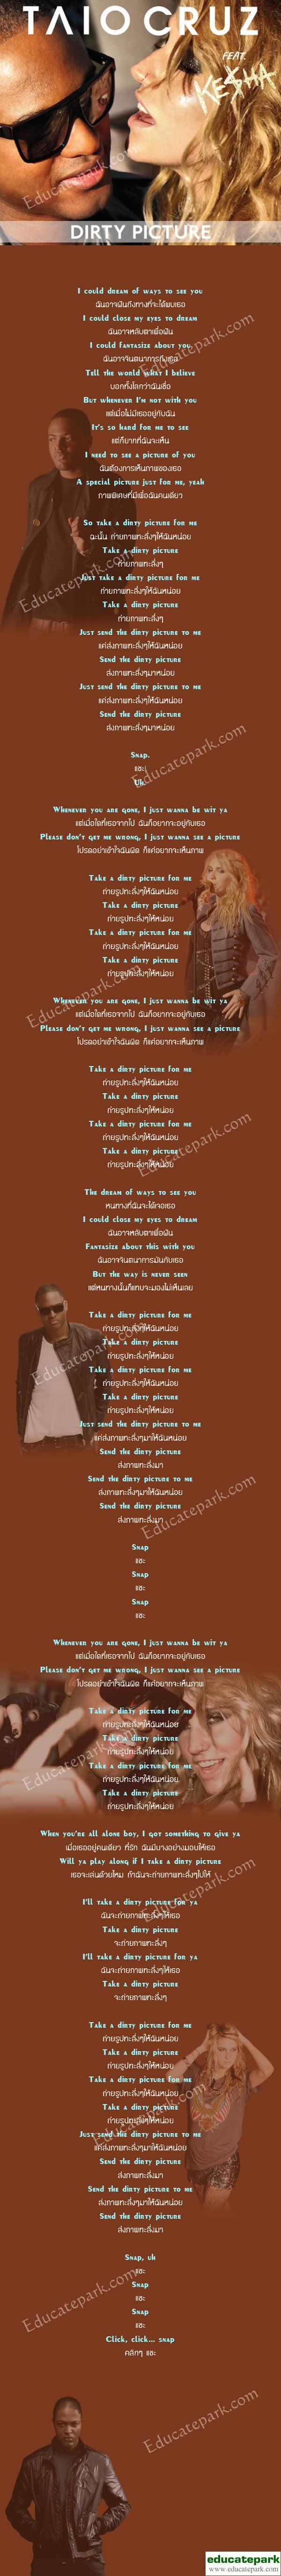 แปลเพลง Dirty Picture - Taio Cruz featuring Kesha